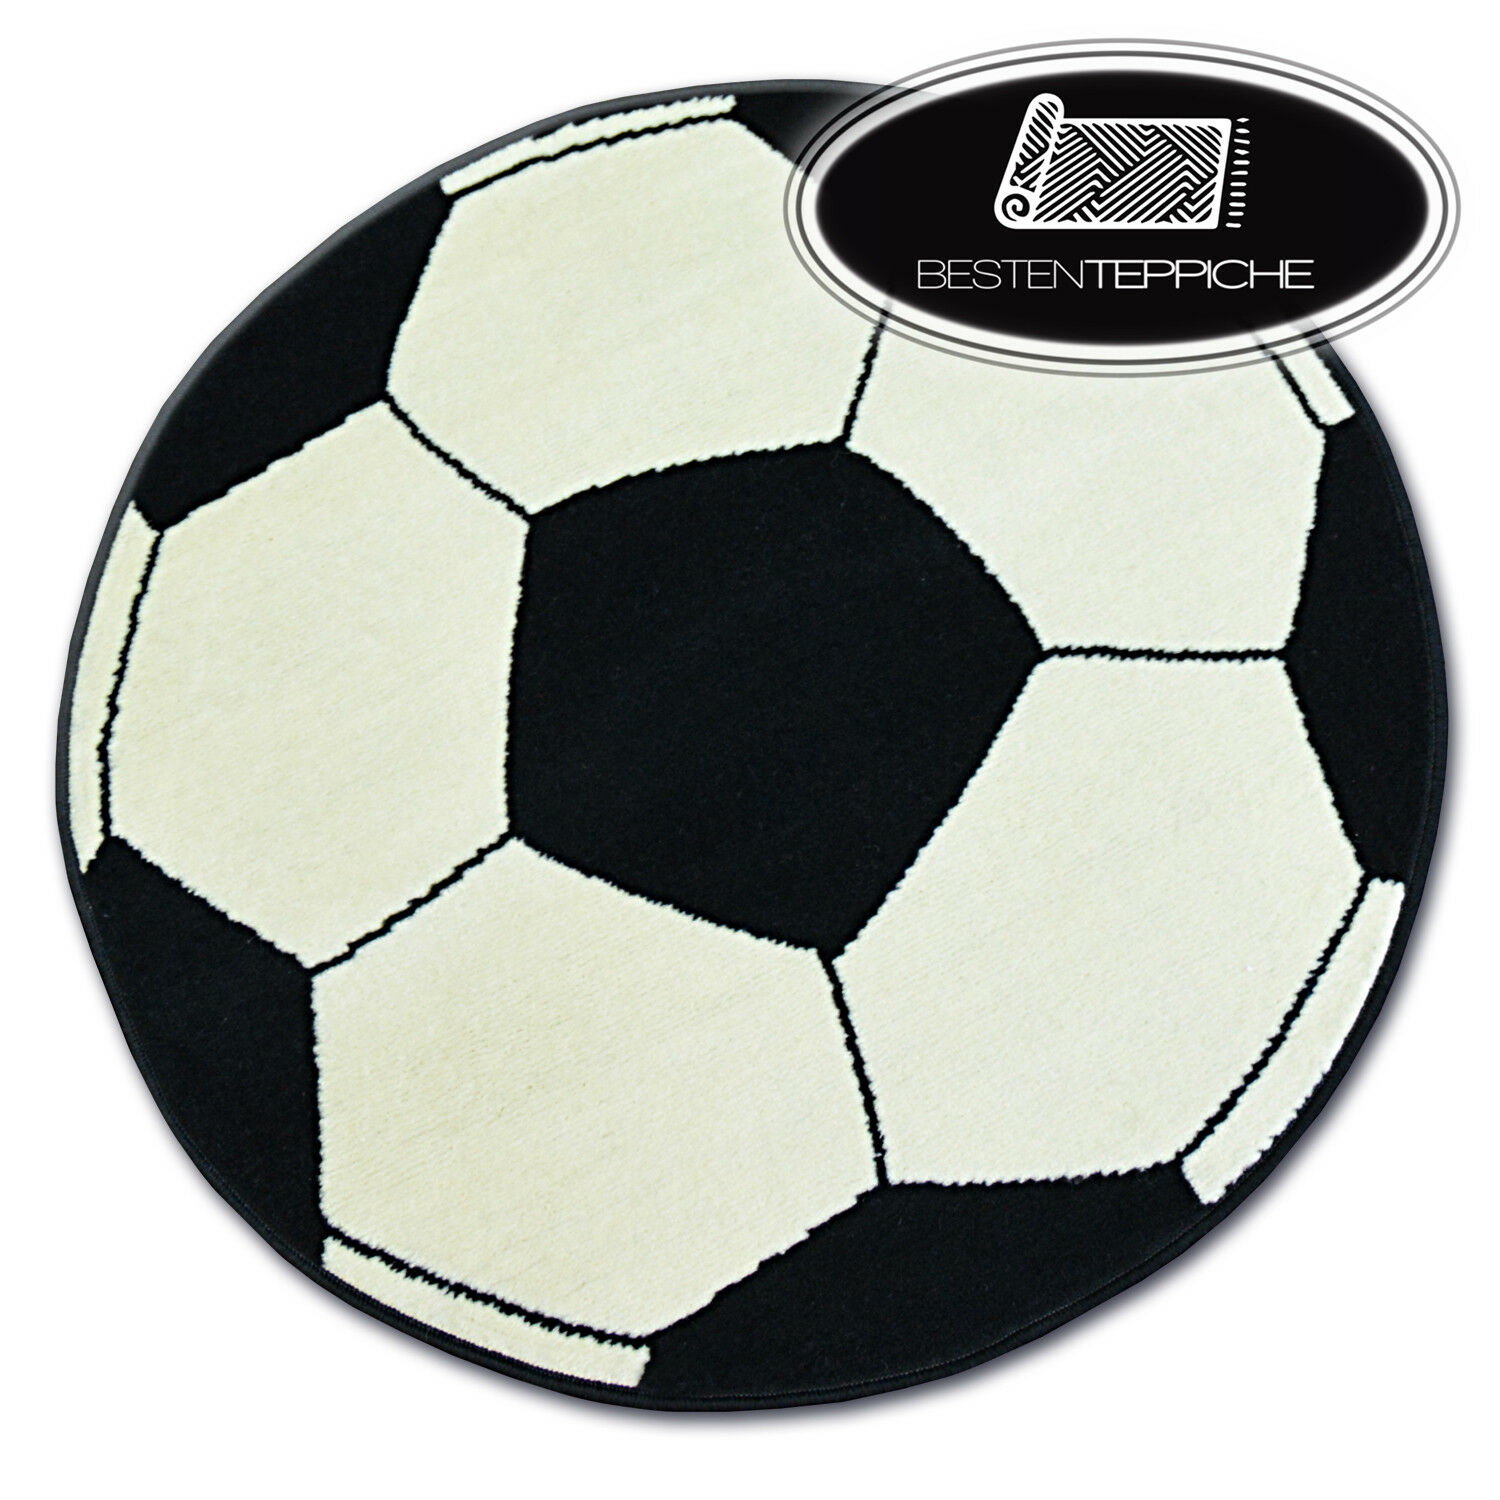 """3 Größen Modernen billig Teppich BCF ball creme Fußball """"BASE"""" besten-teppiche"""